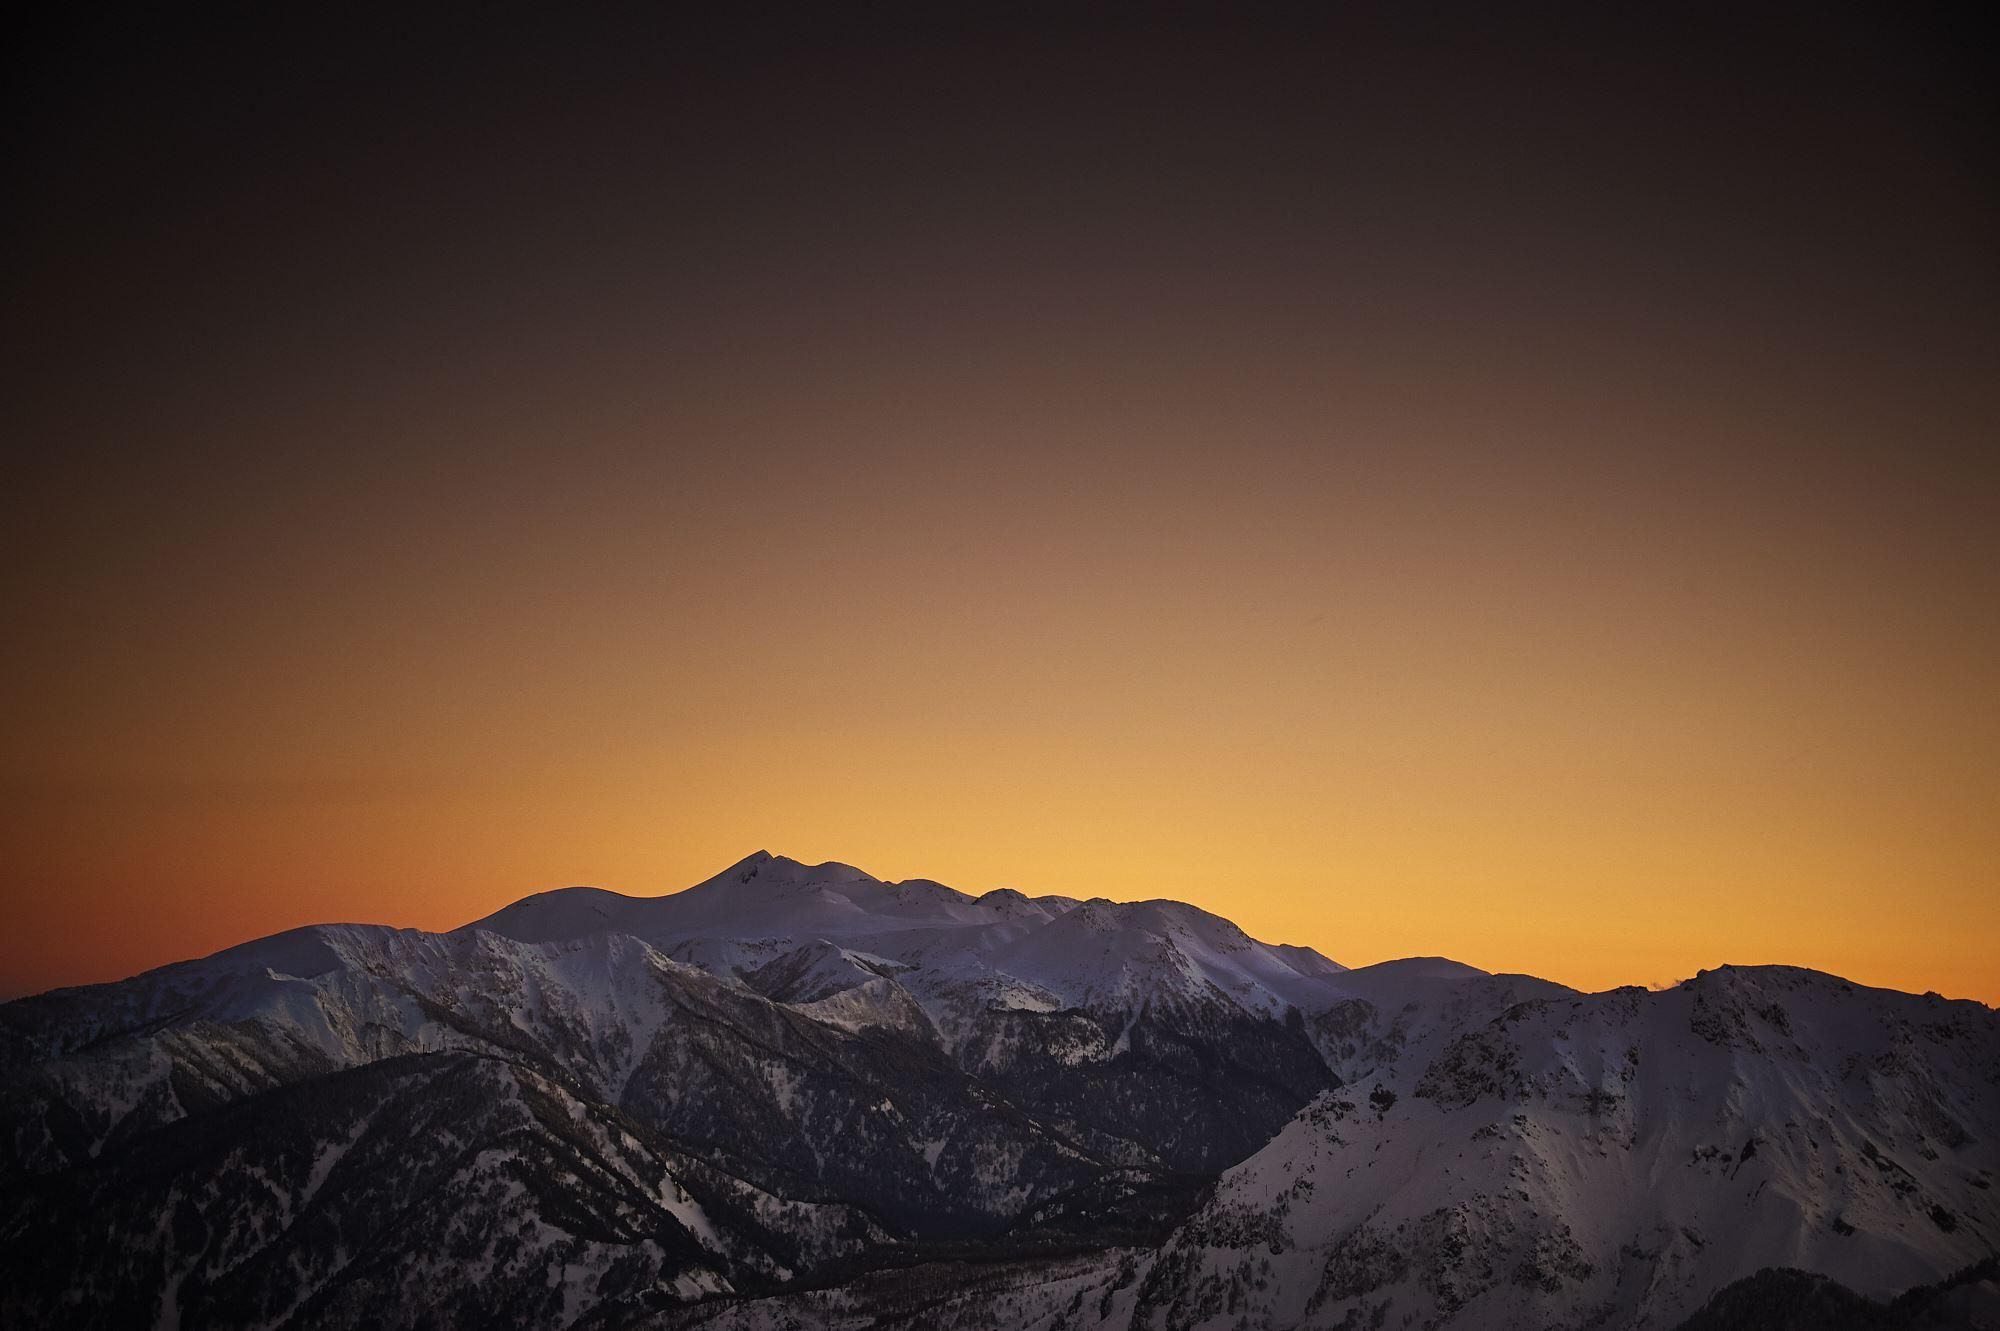 西穂山荘から見る冬の乗鞍岳の夕景